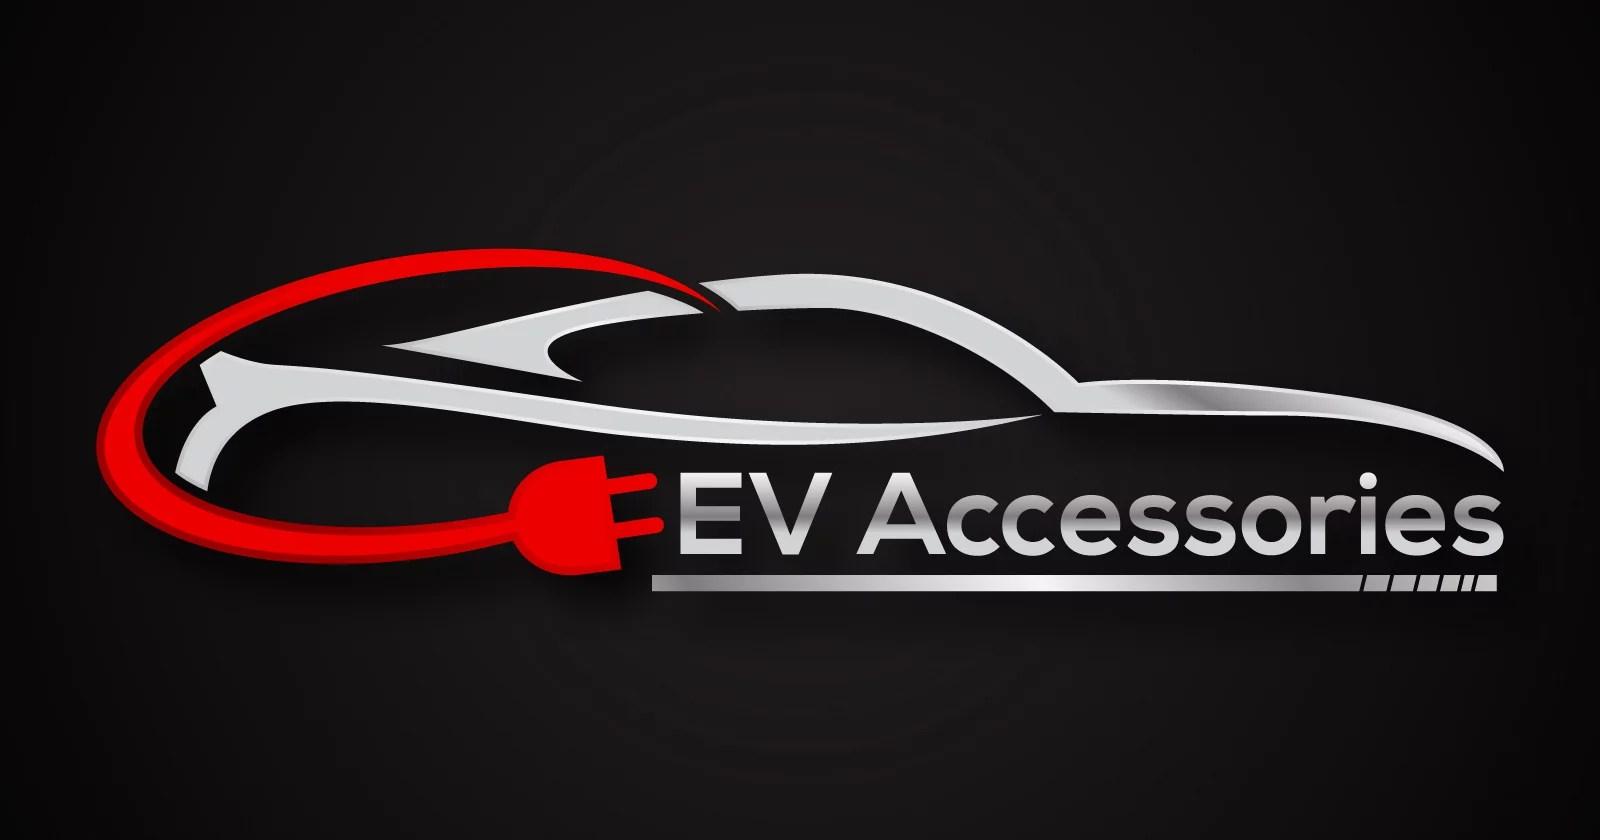 EV Accessories Ltd Electric Vehicle AccessoriesElectric Car Accessories